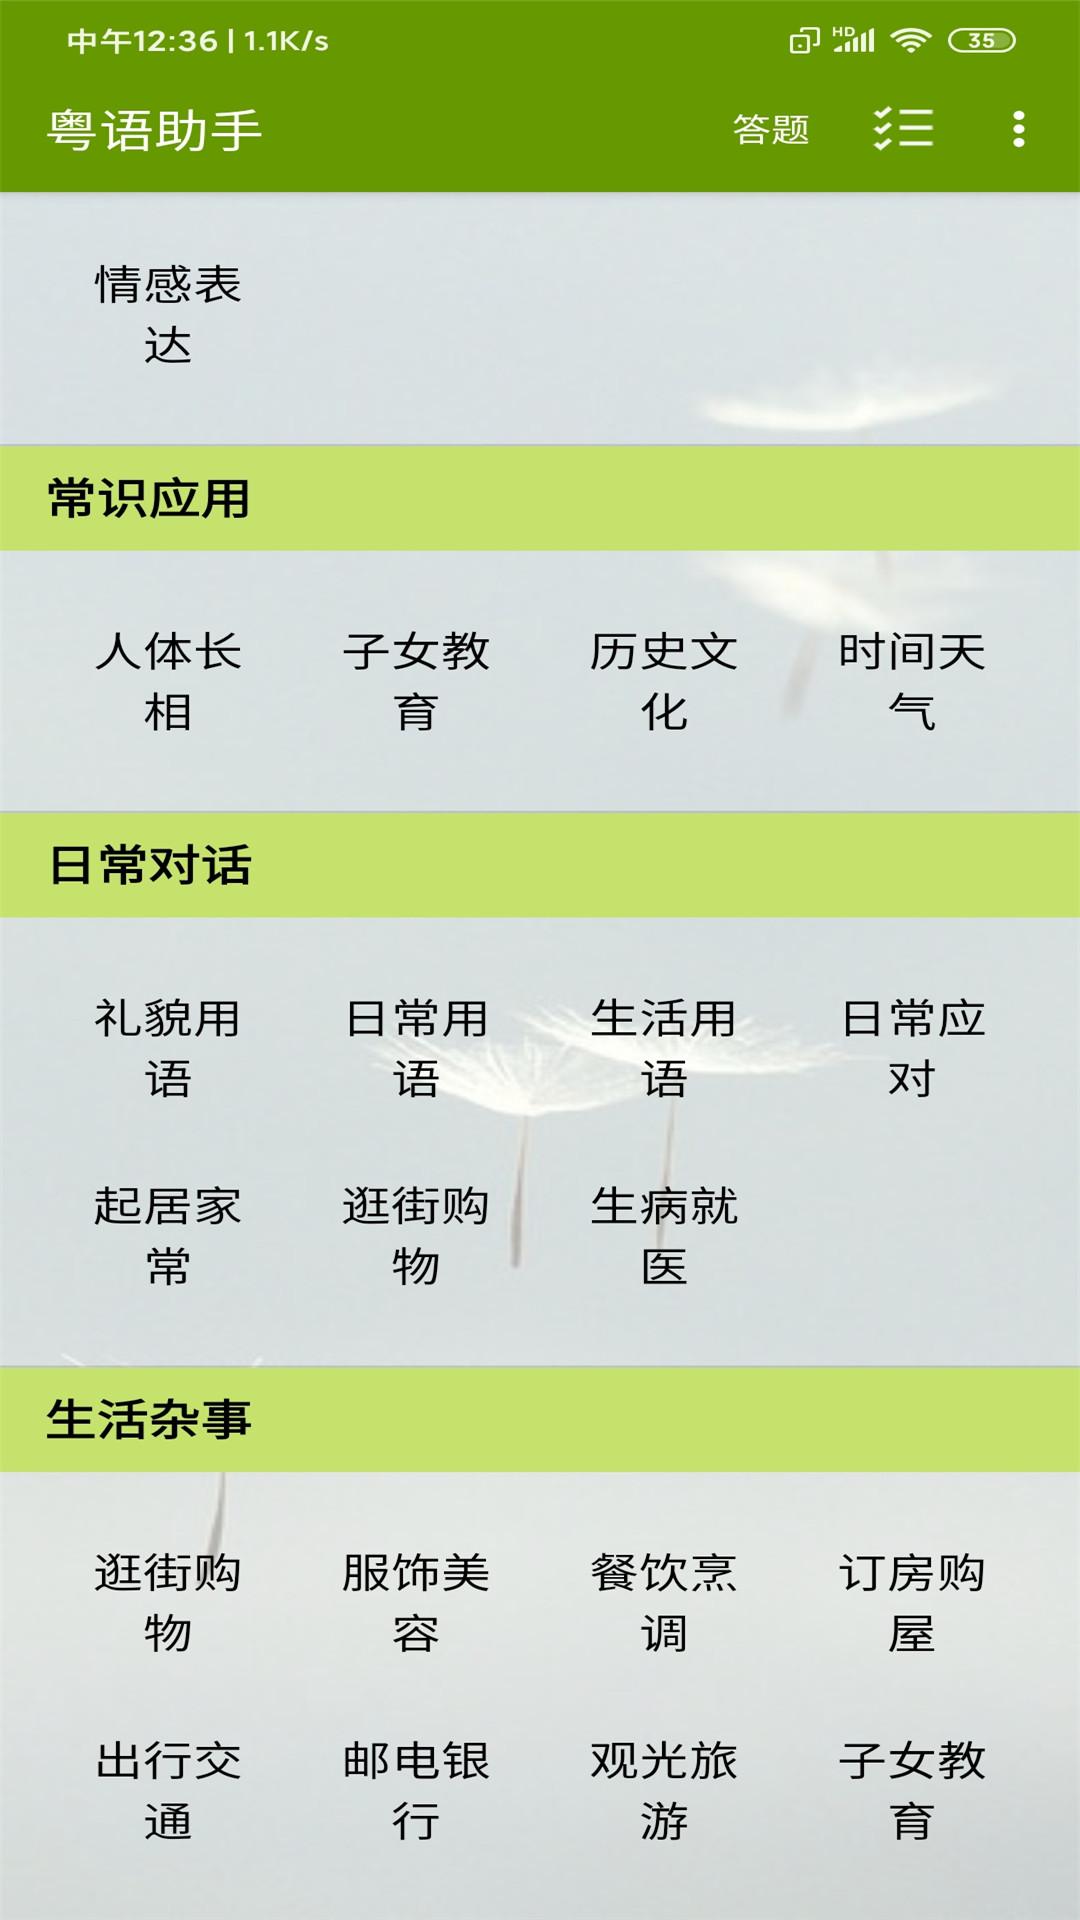 粤语助手 V1.0.5 安卓版截图1